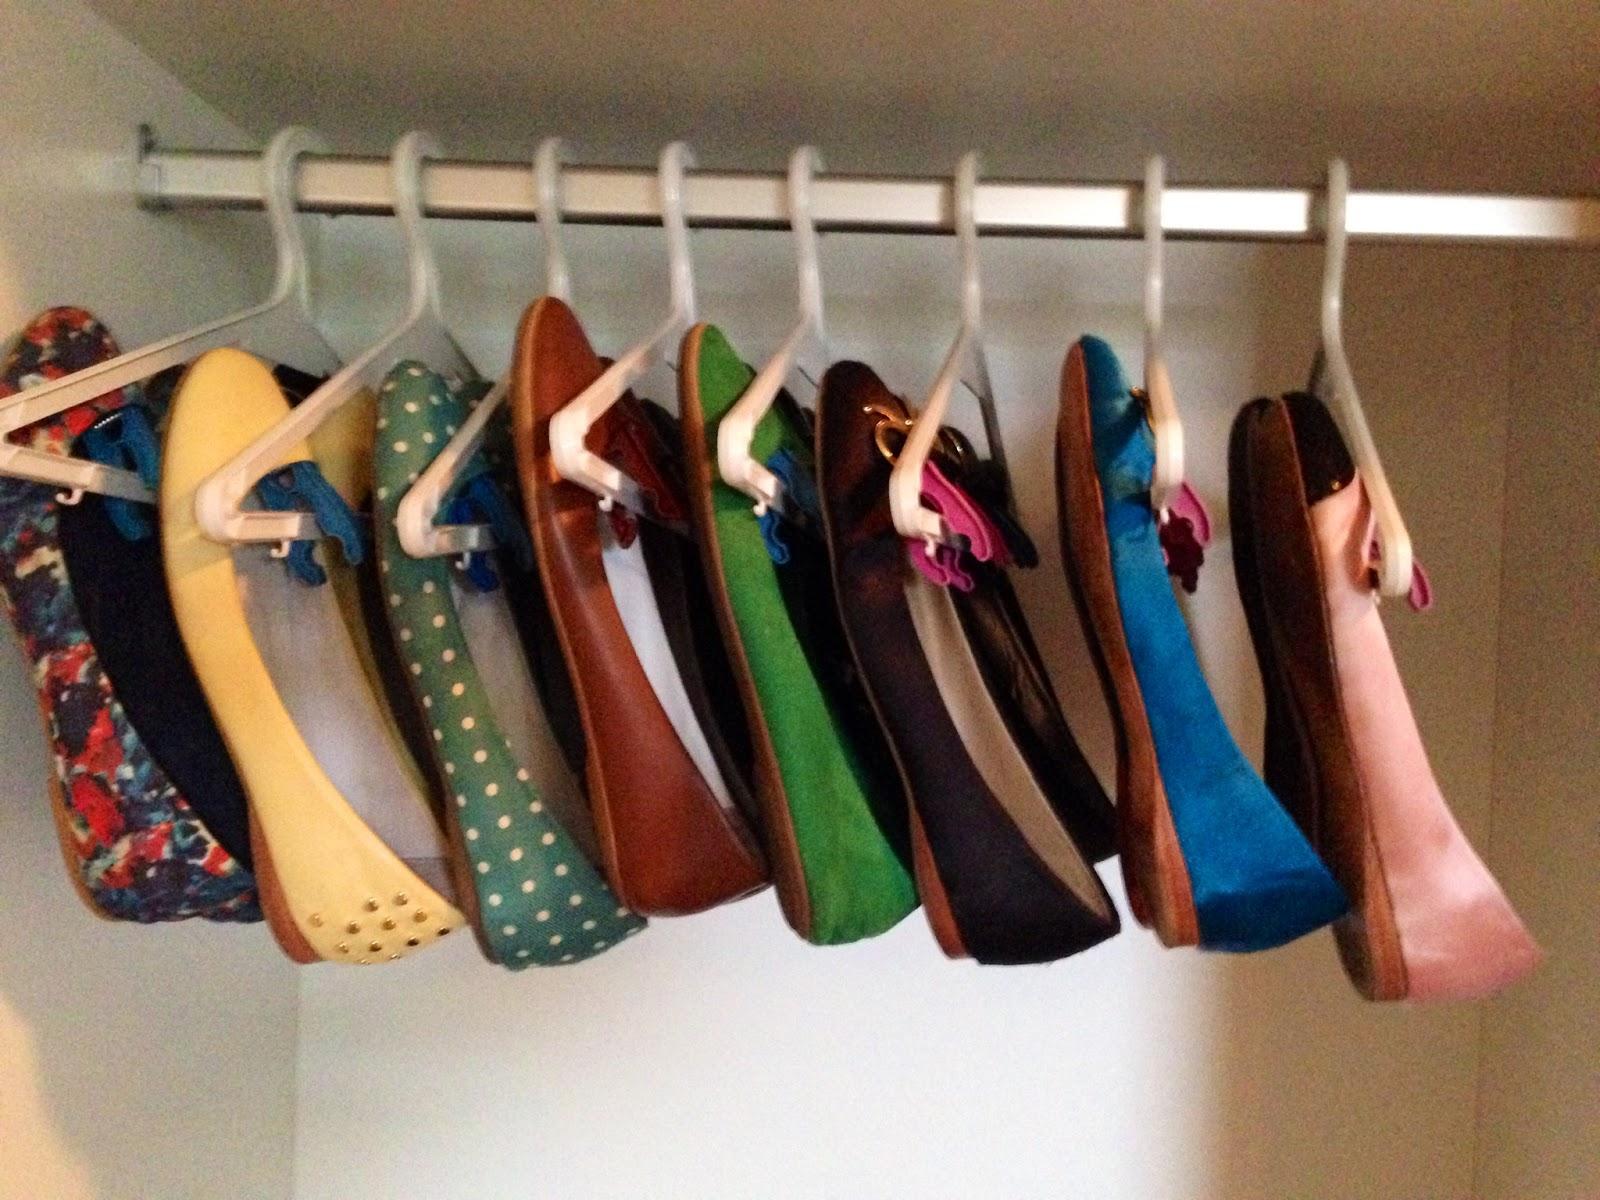 Penso logo divido cabide de sapatilhas